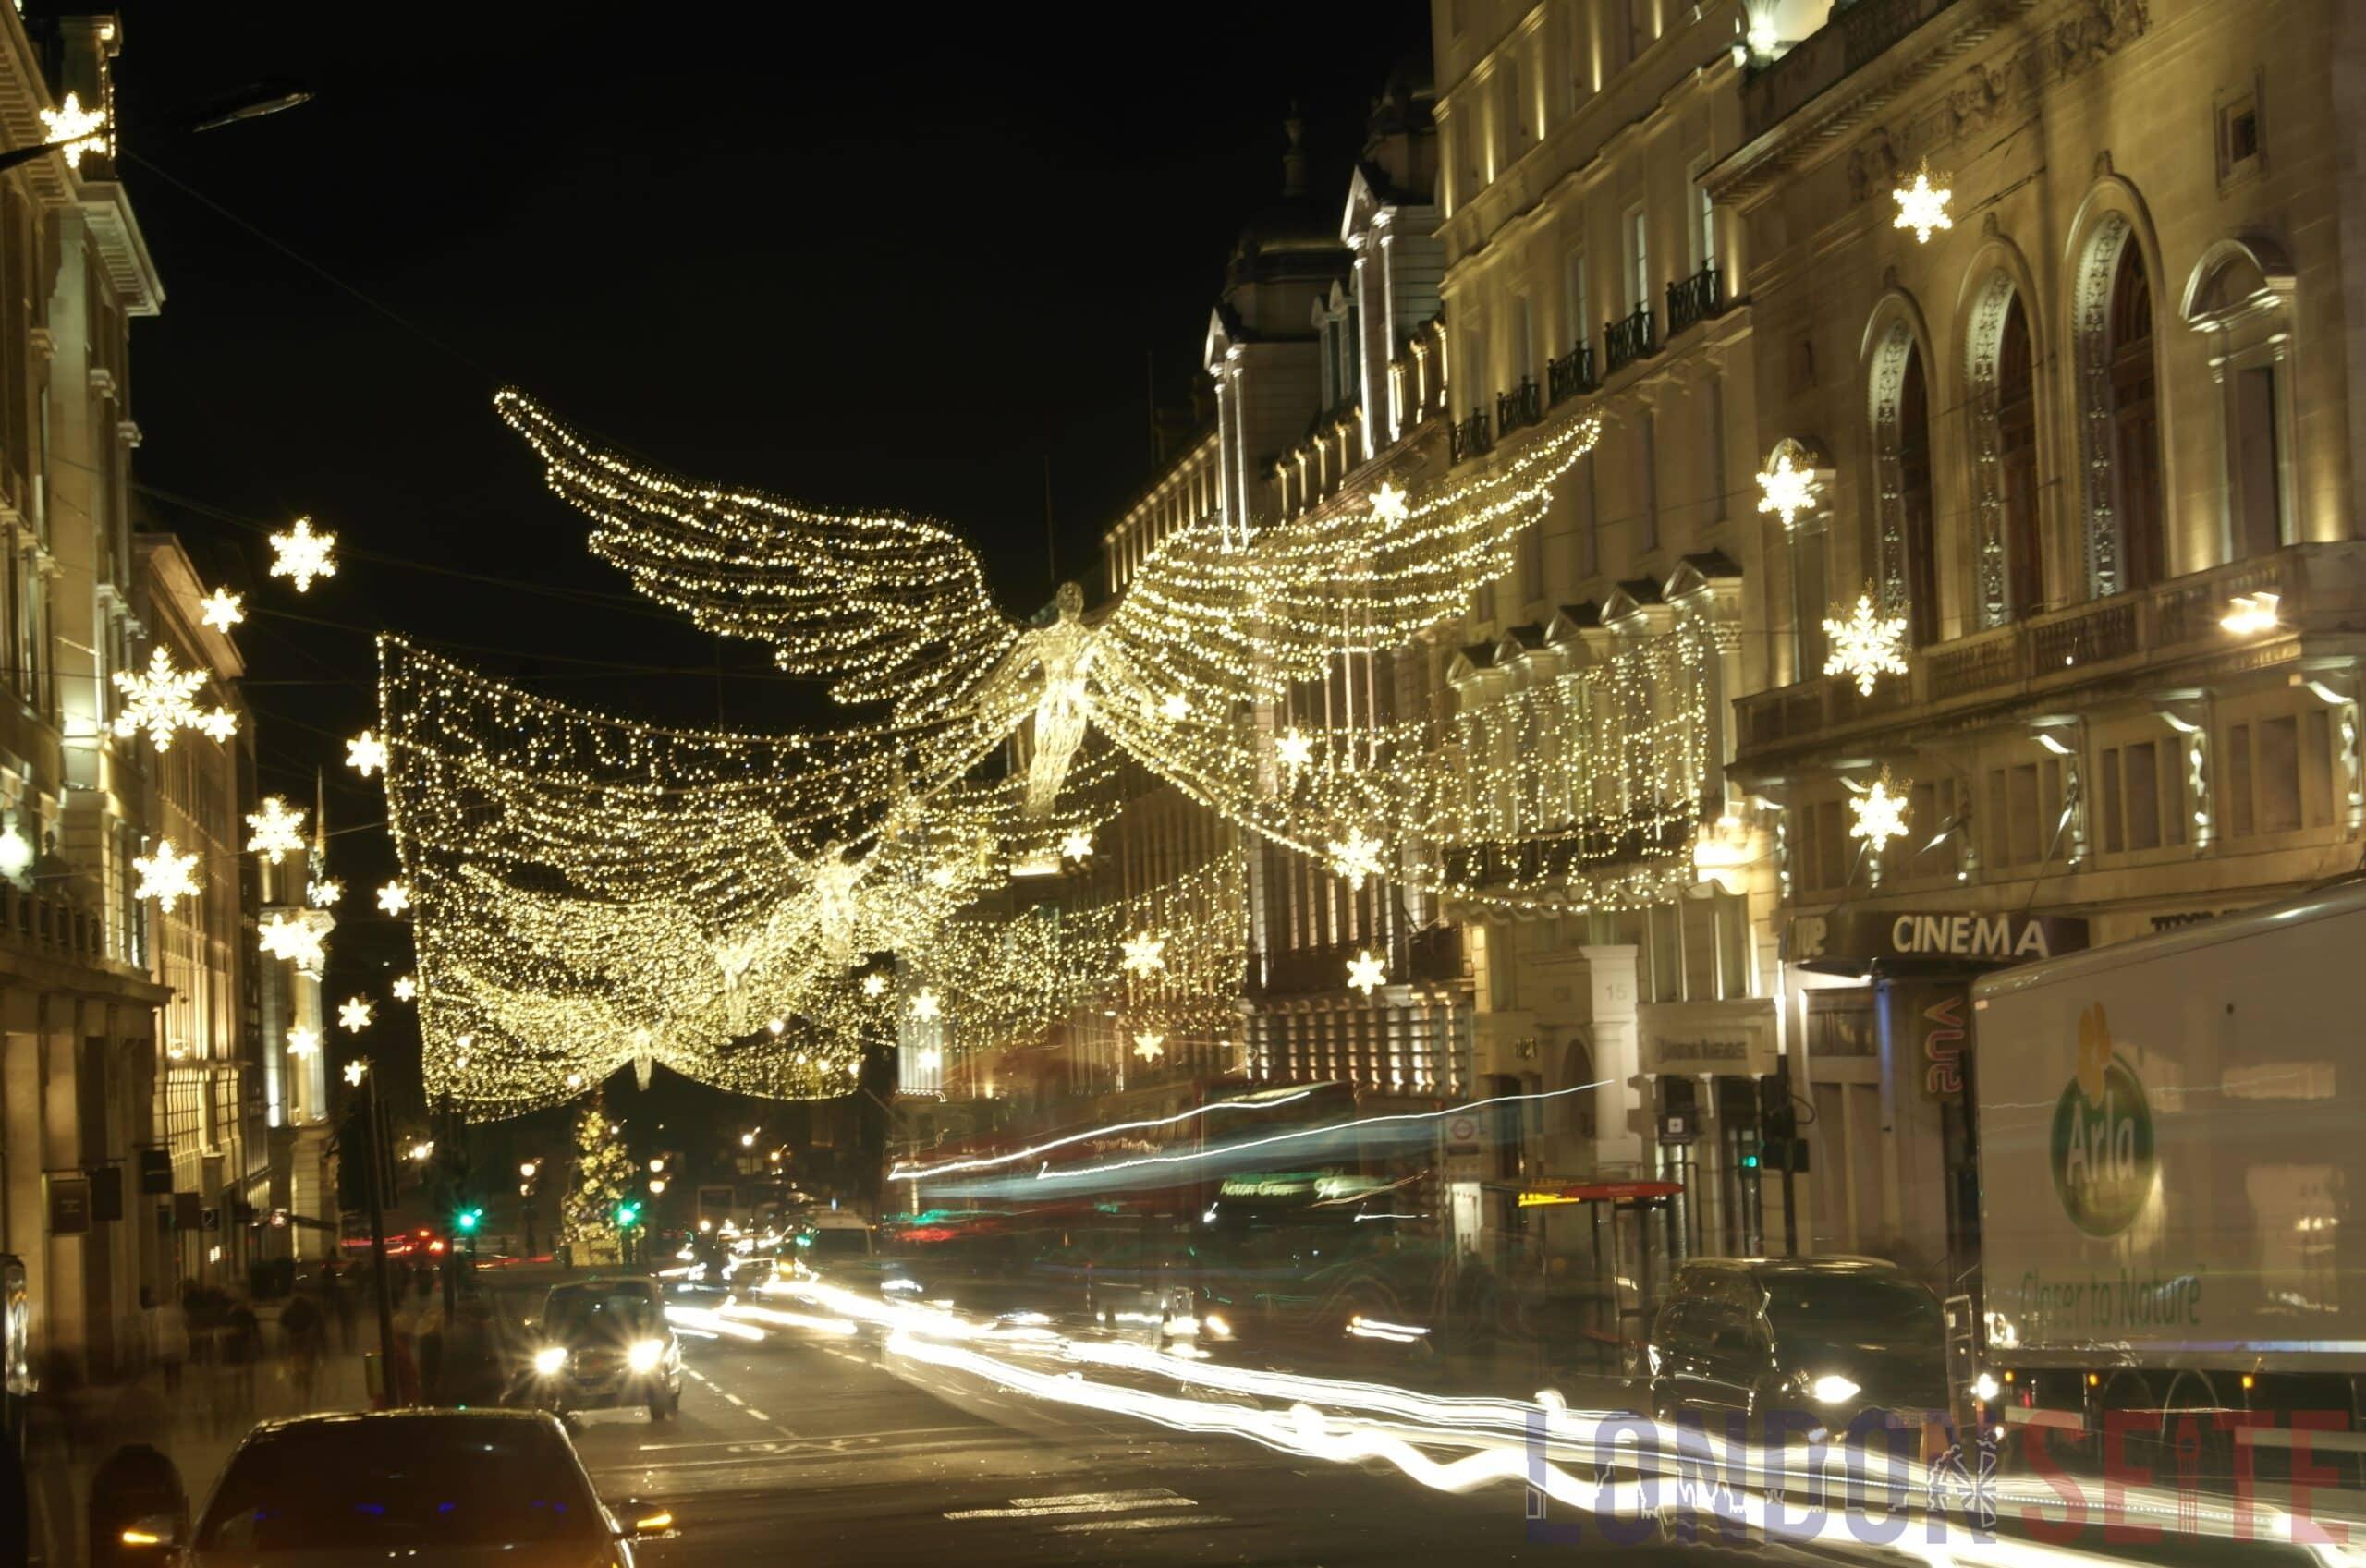 Weihnachtsbeleuchtung Glühlampen.Weihnachtsbeleuchtung In London Gehen Die Lichter An Londonseite